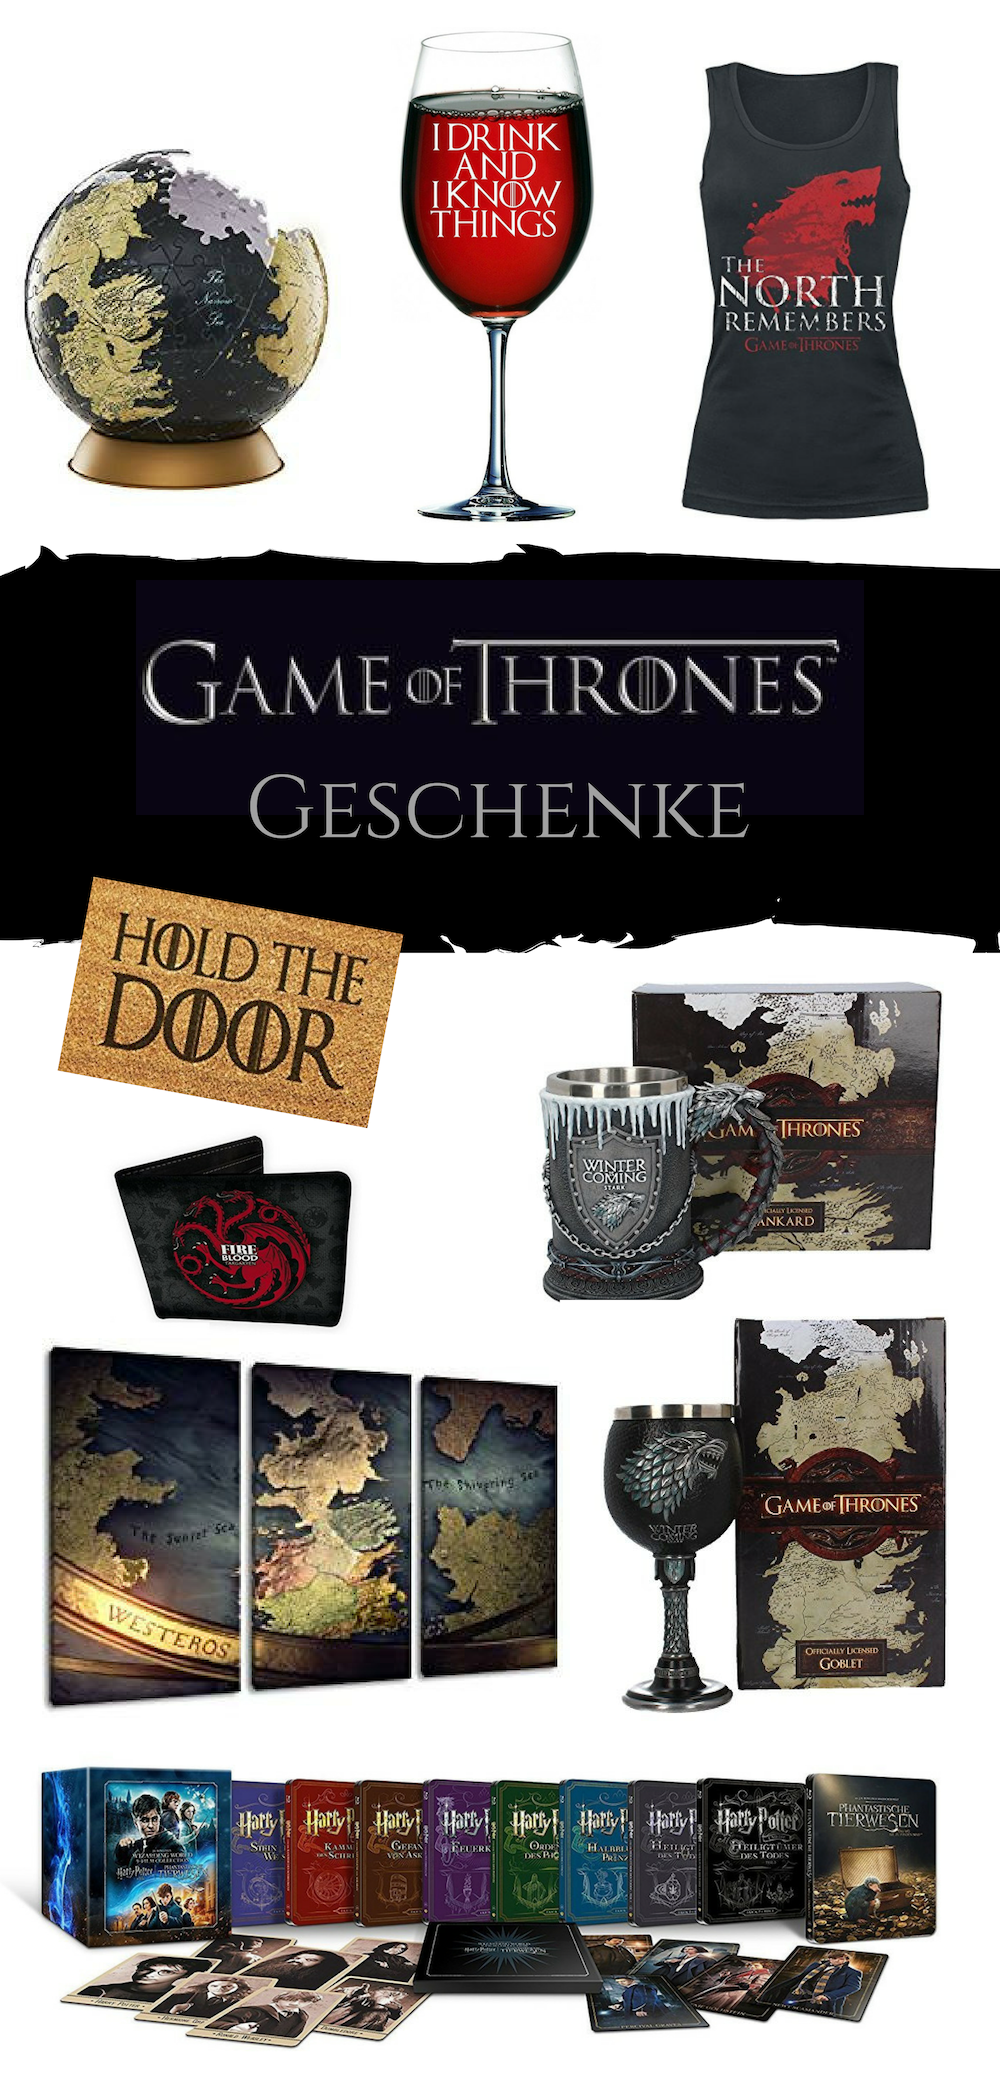 Suchst Du Nach Geschenkideen Für Einen Game Of Thrones Fan Hier